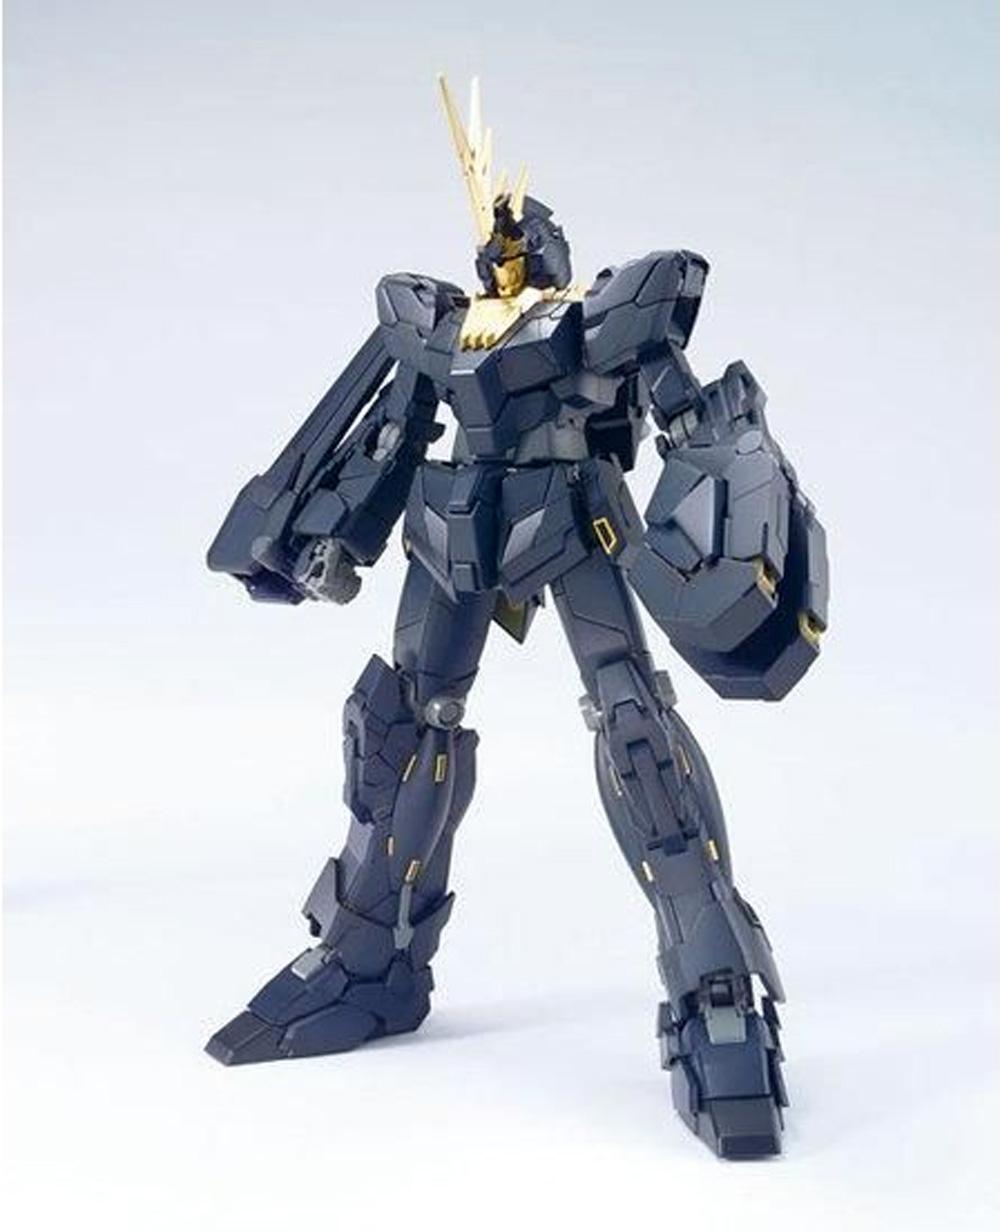 RX-0 ユニコーンガンダム 2号機 バンシィプラモデル(バンダイMG (マスターグレード)No.0175316)商品画像_2